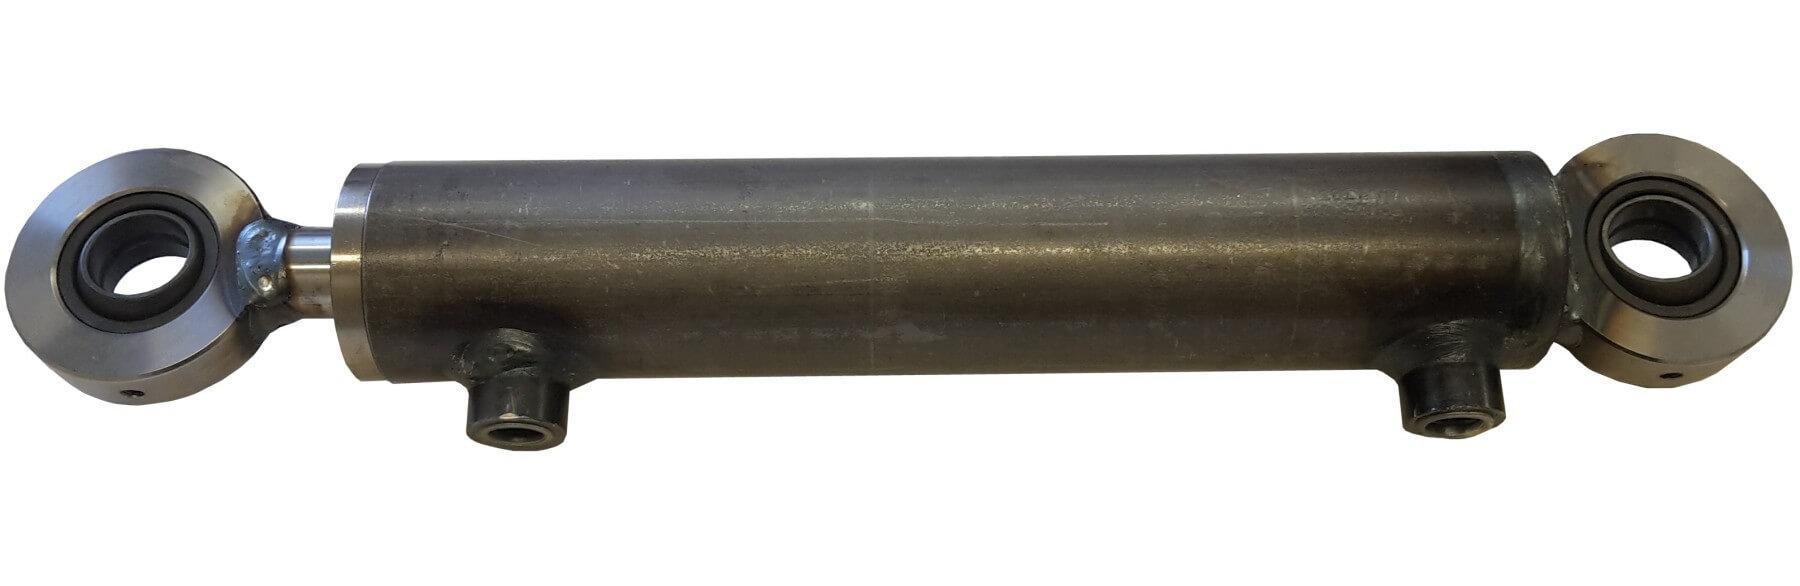 Hydraulisylinteri CL 40. 20. 200 GE - Kailatec Oy Verkkokauppa